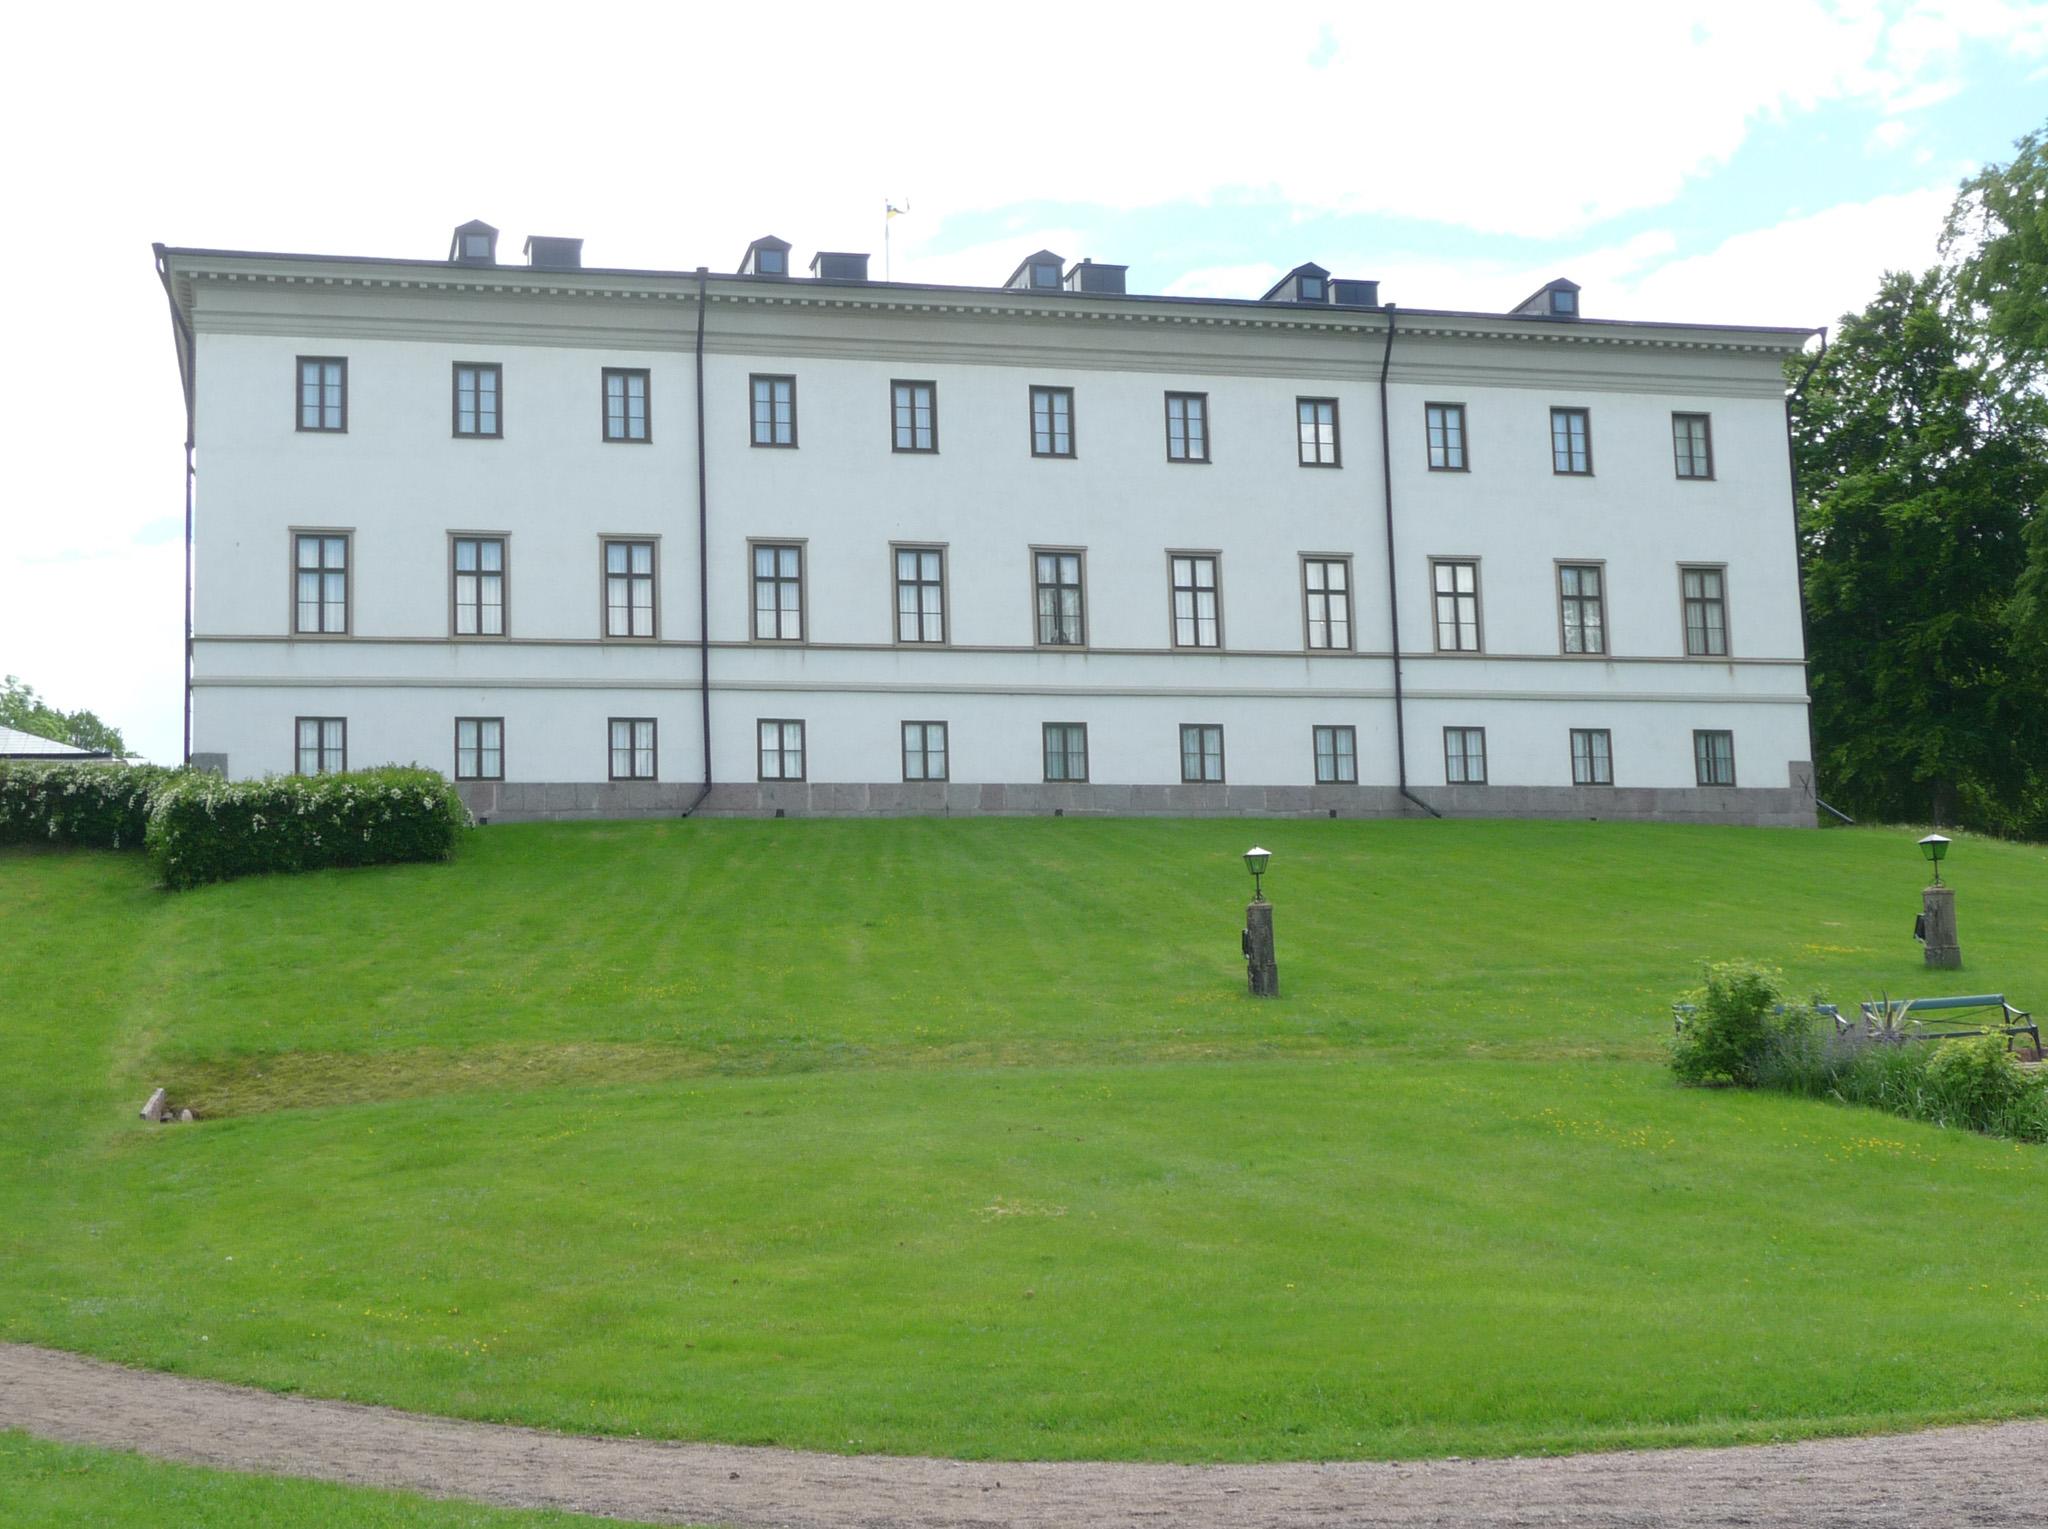 2012 Stjärnsunds slott, Olshammars gård. - 31